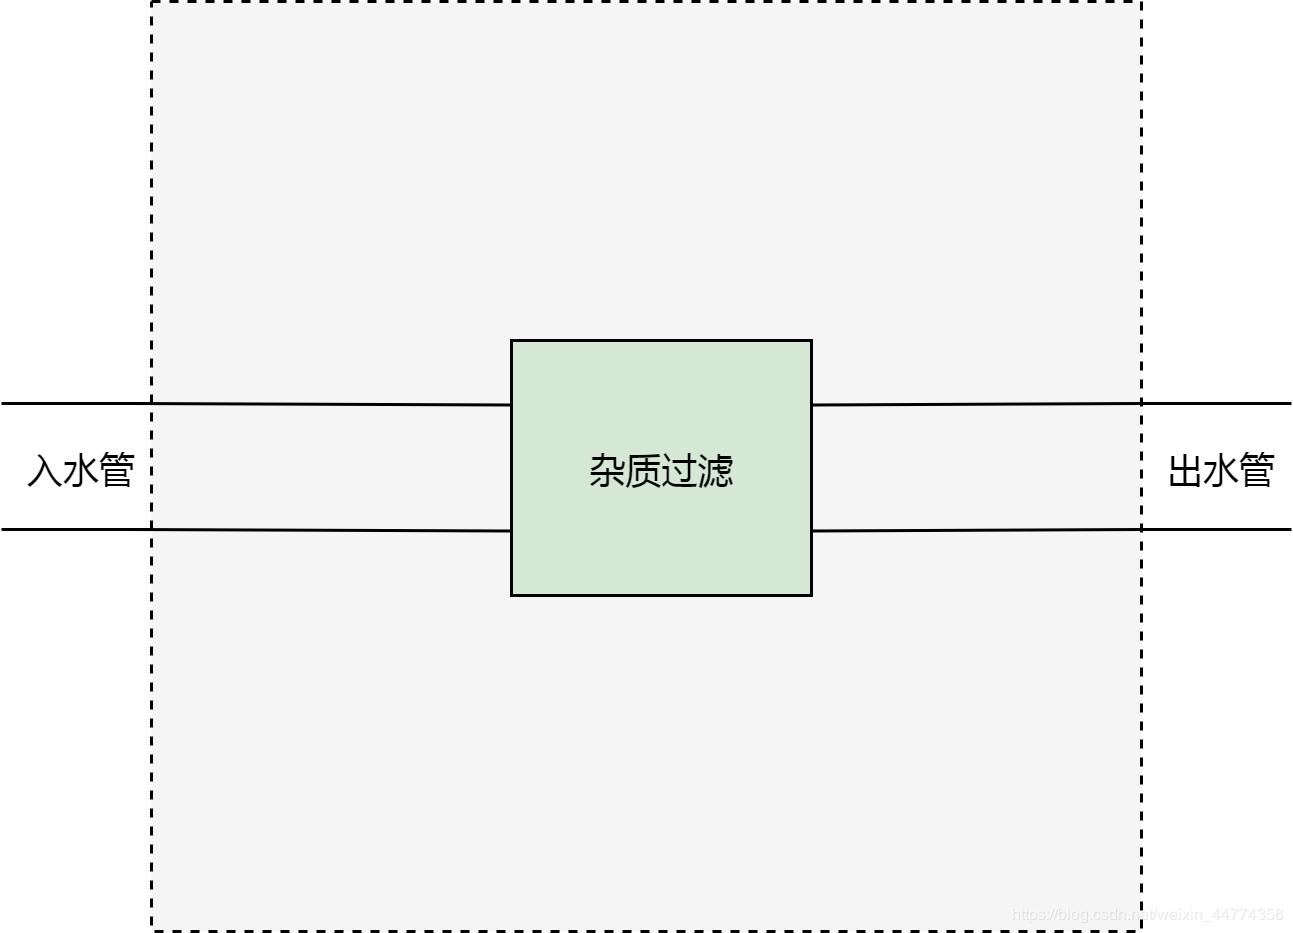 图片素材2.6.png